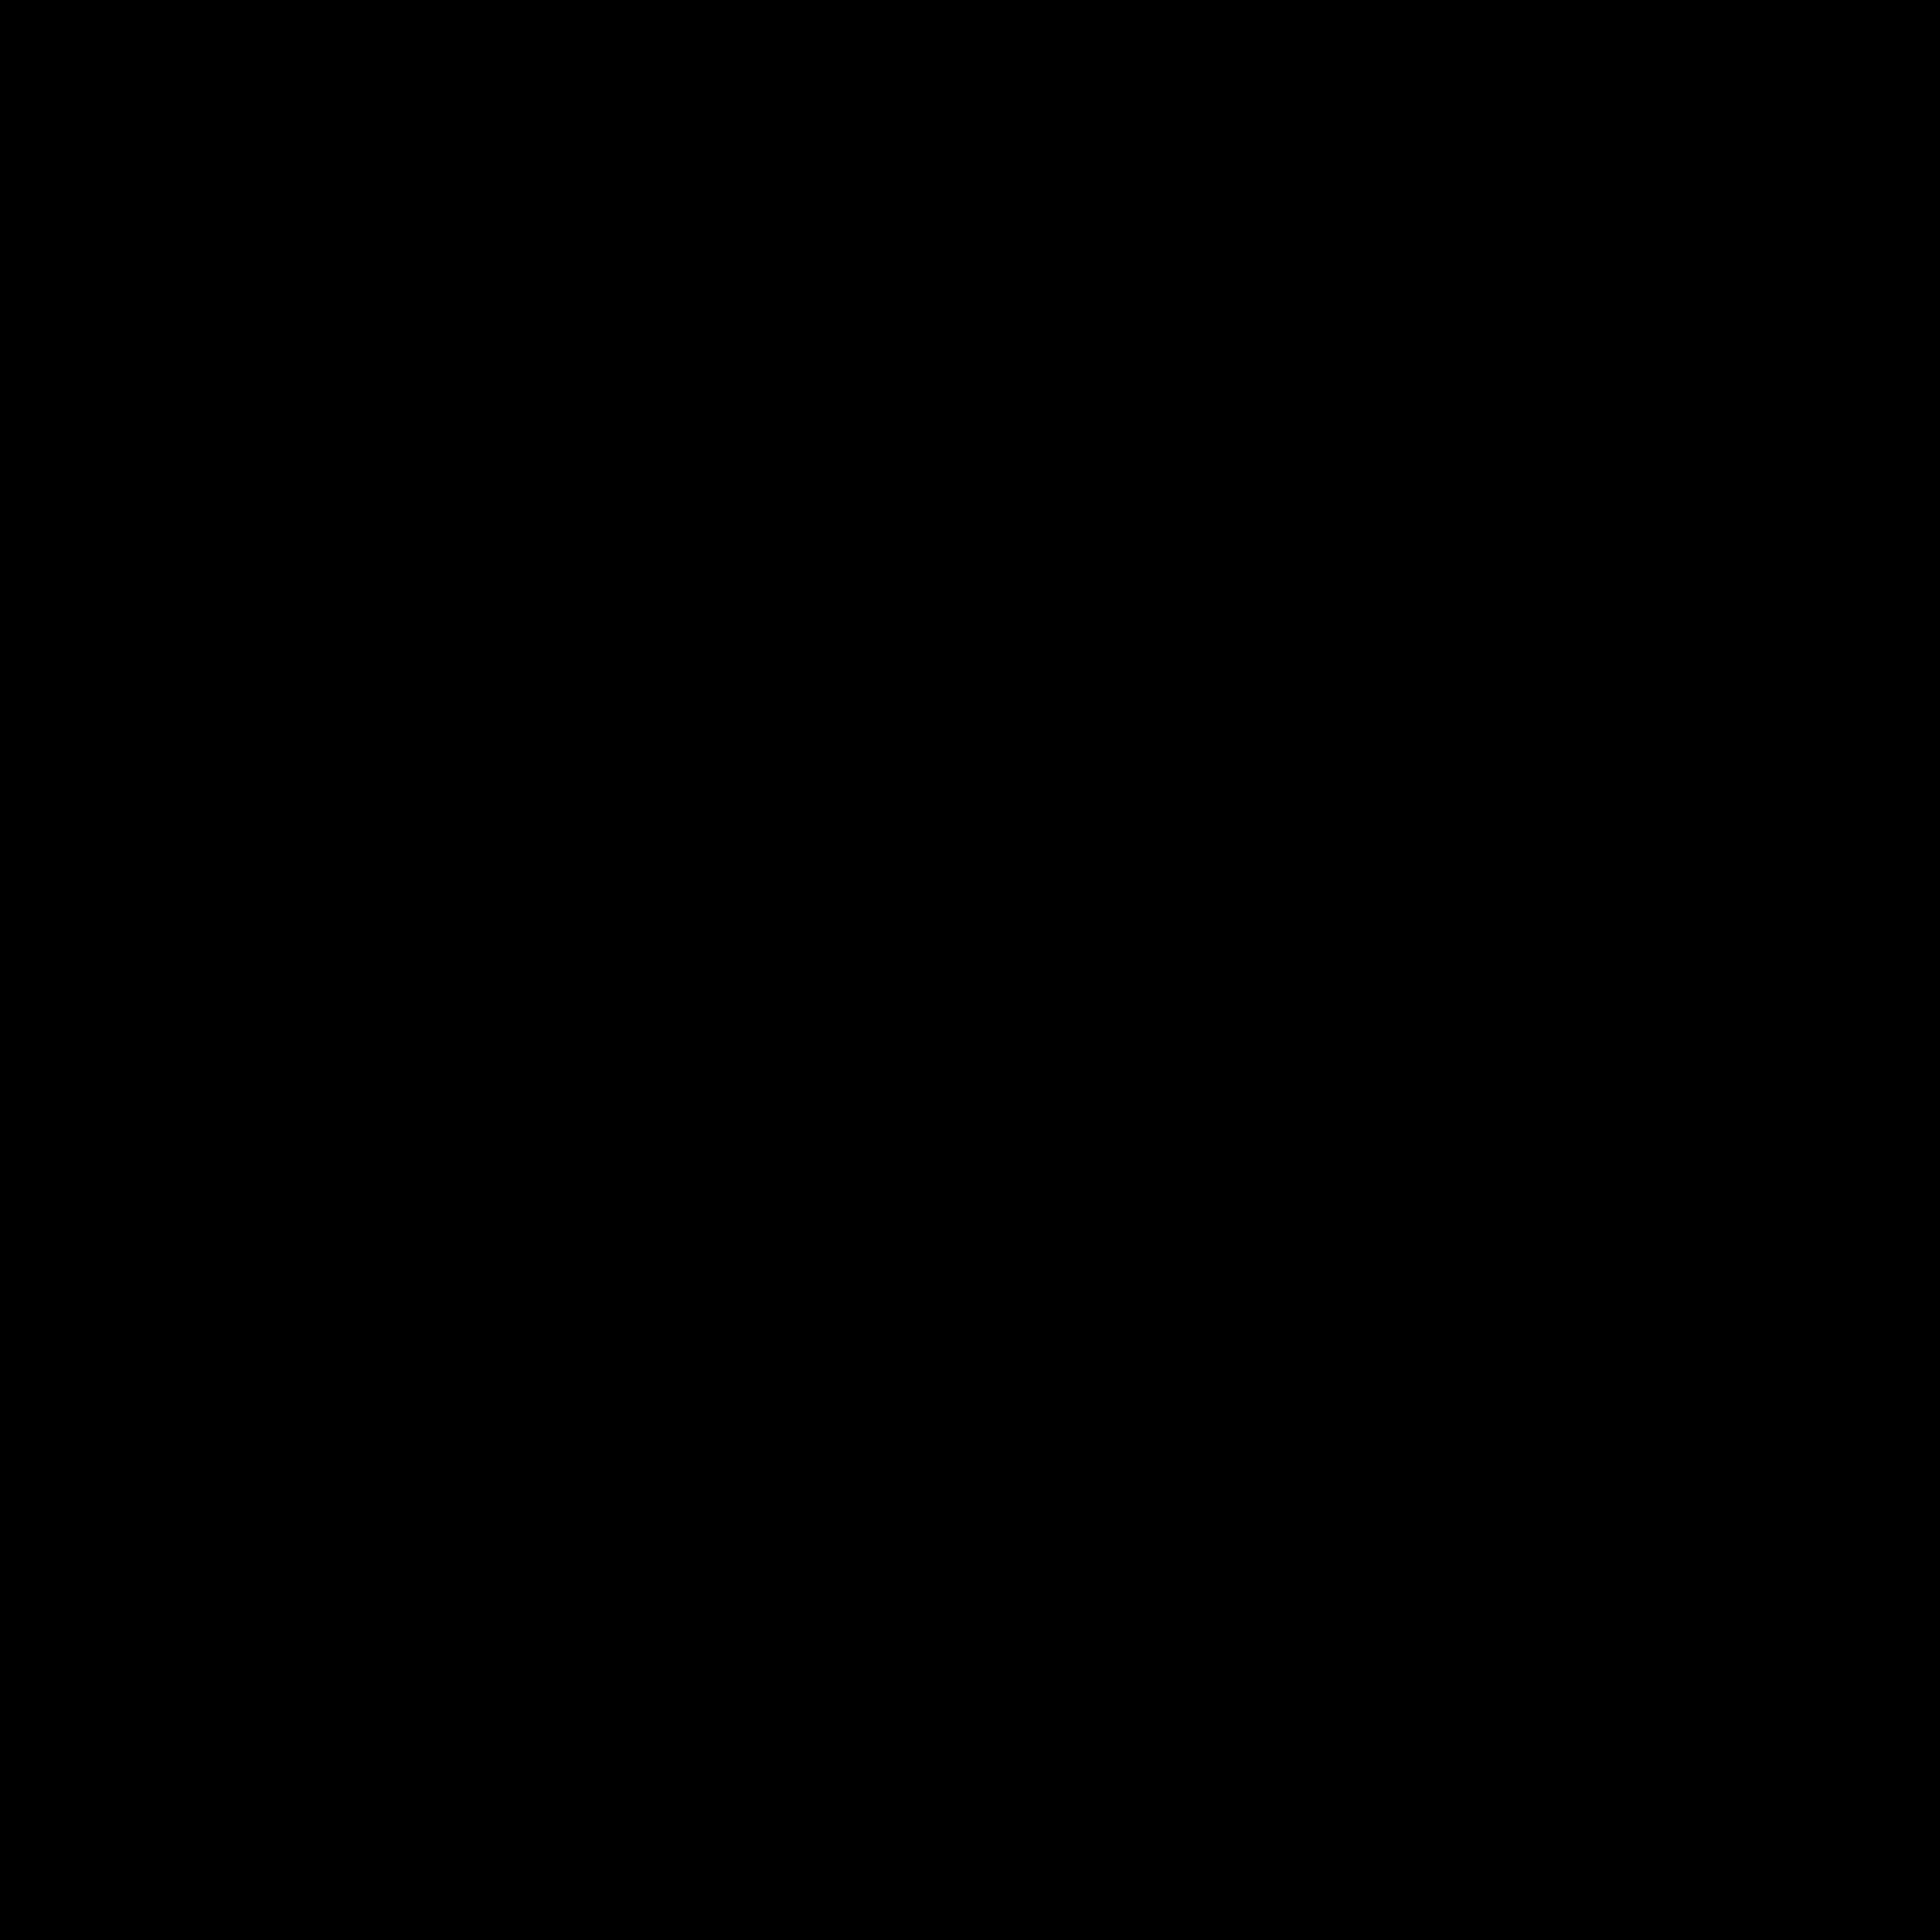 02-2-POST-RANDOM-QUOTE-1-2